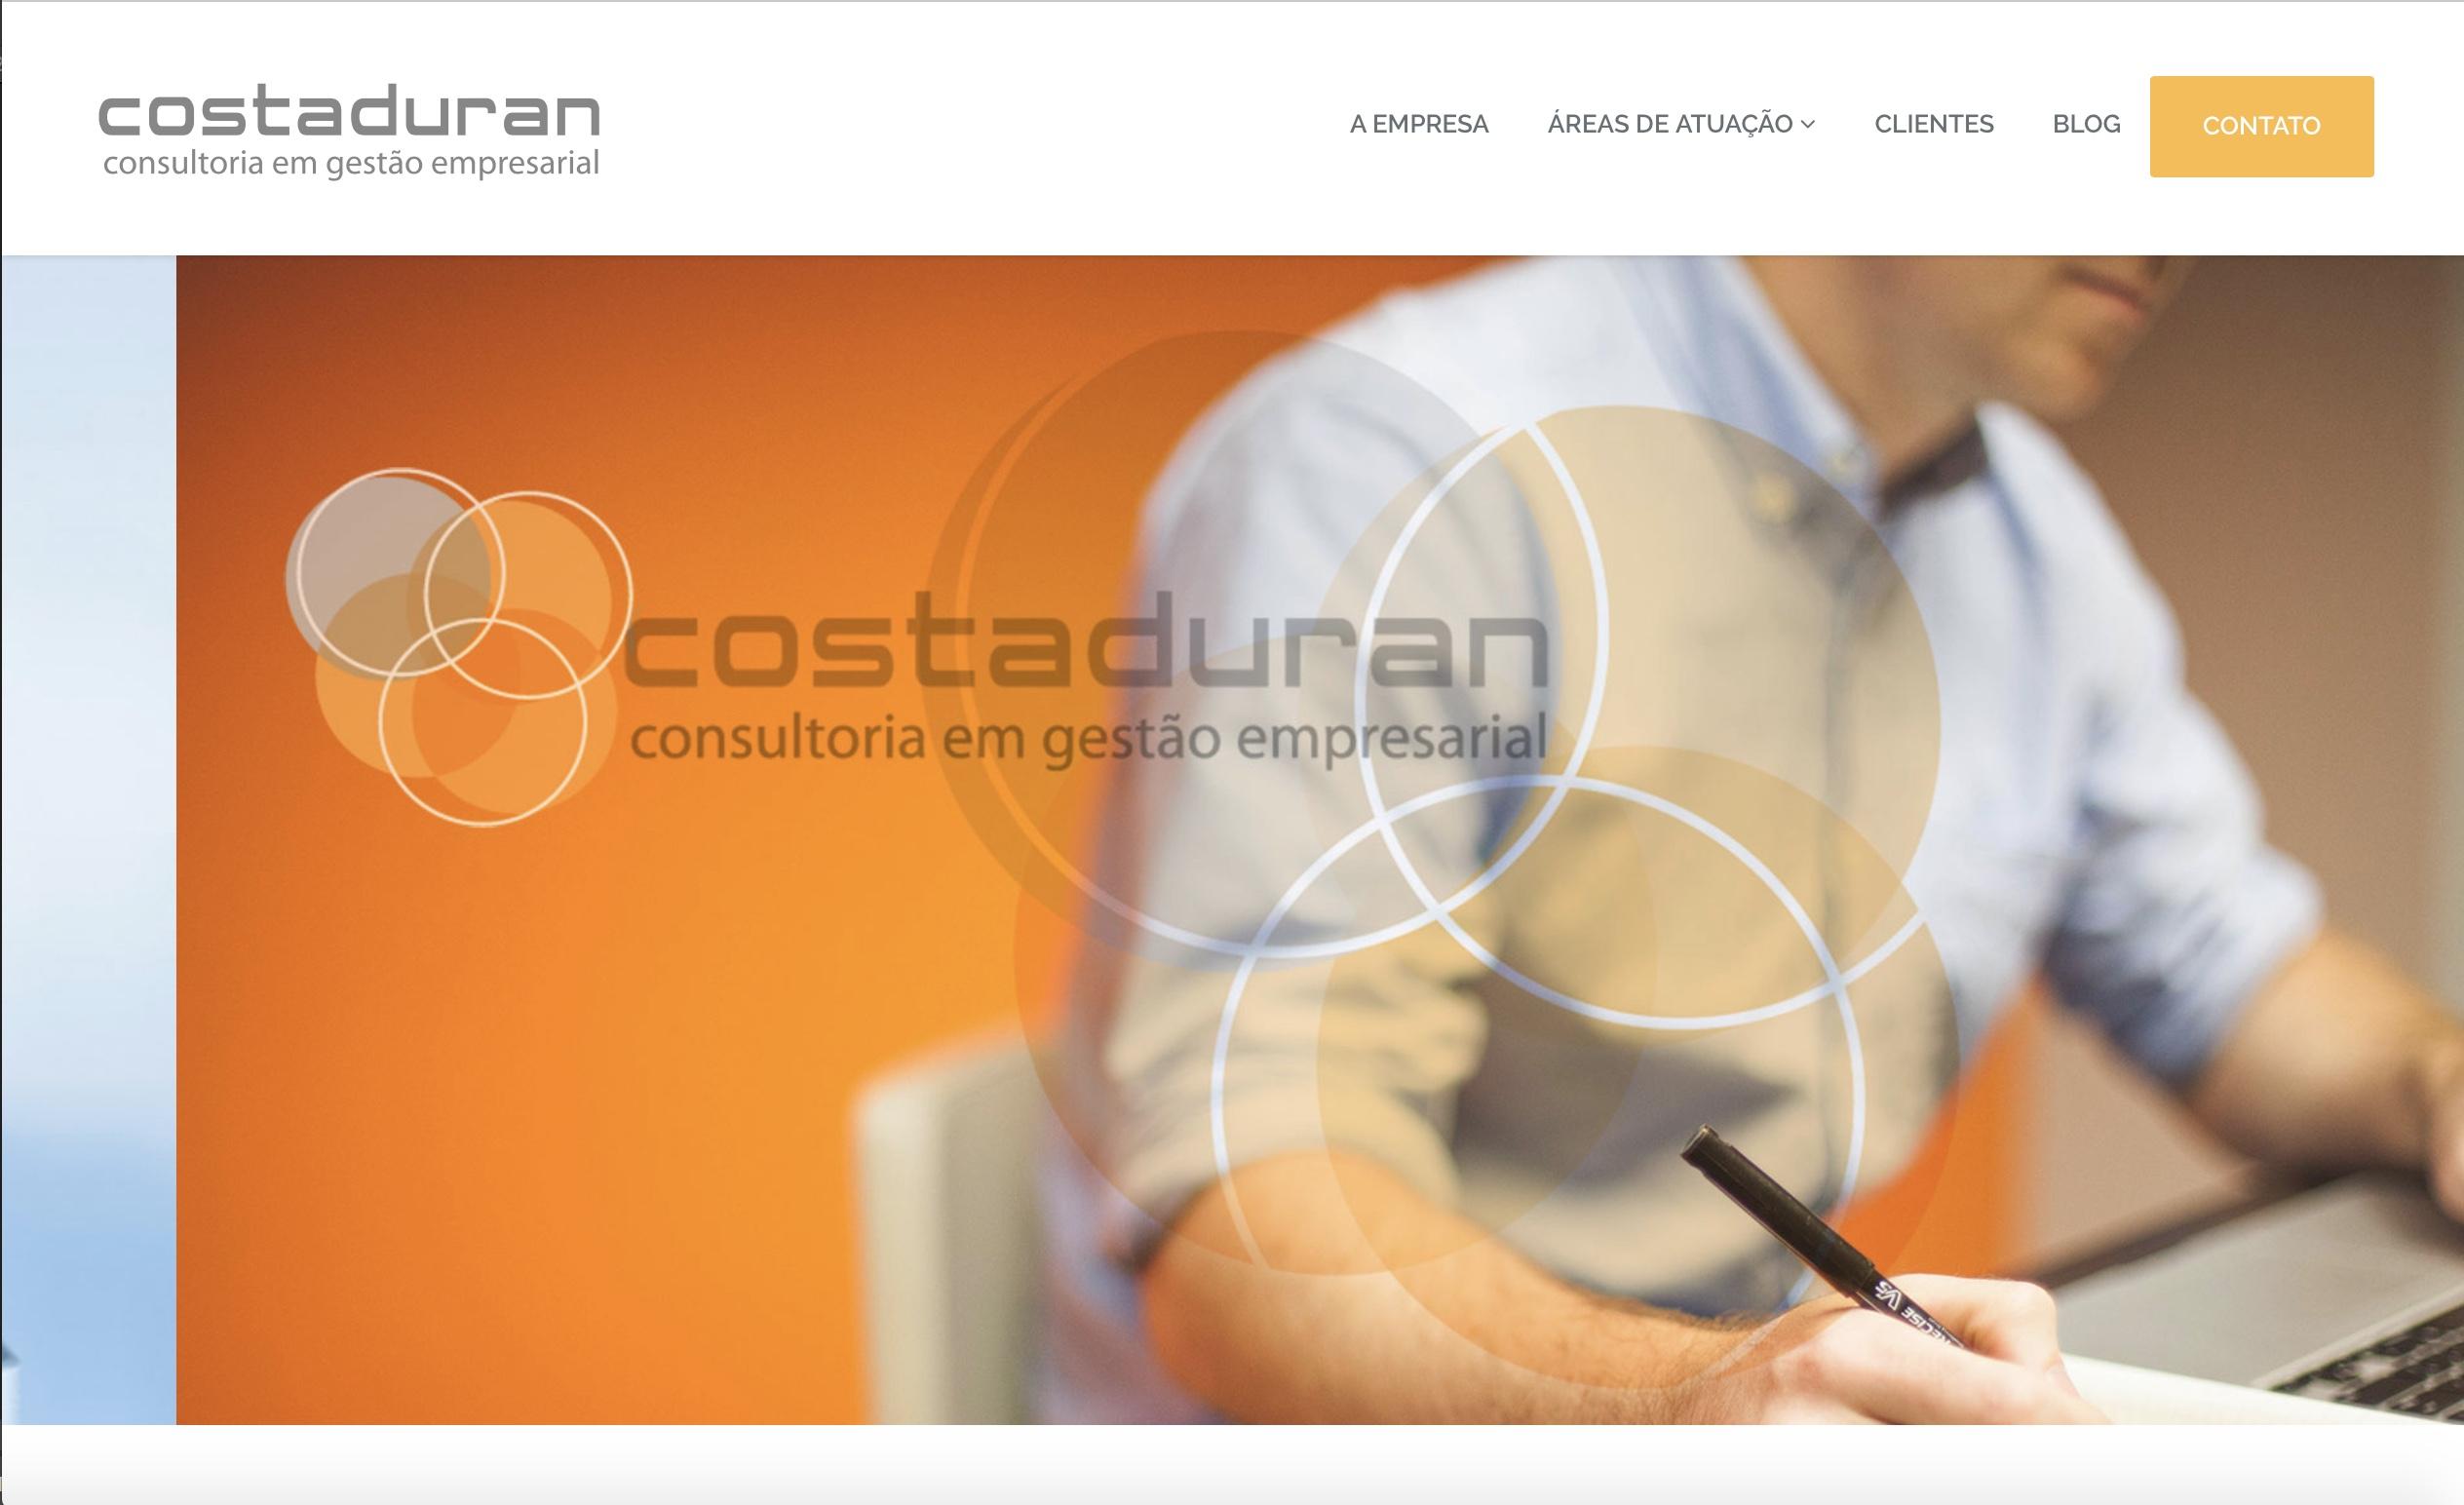 Costaduran